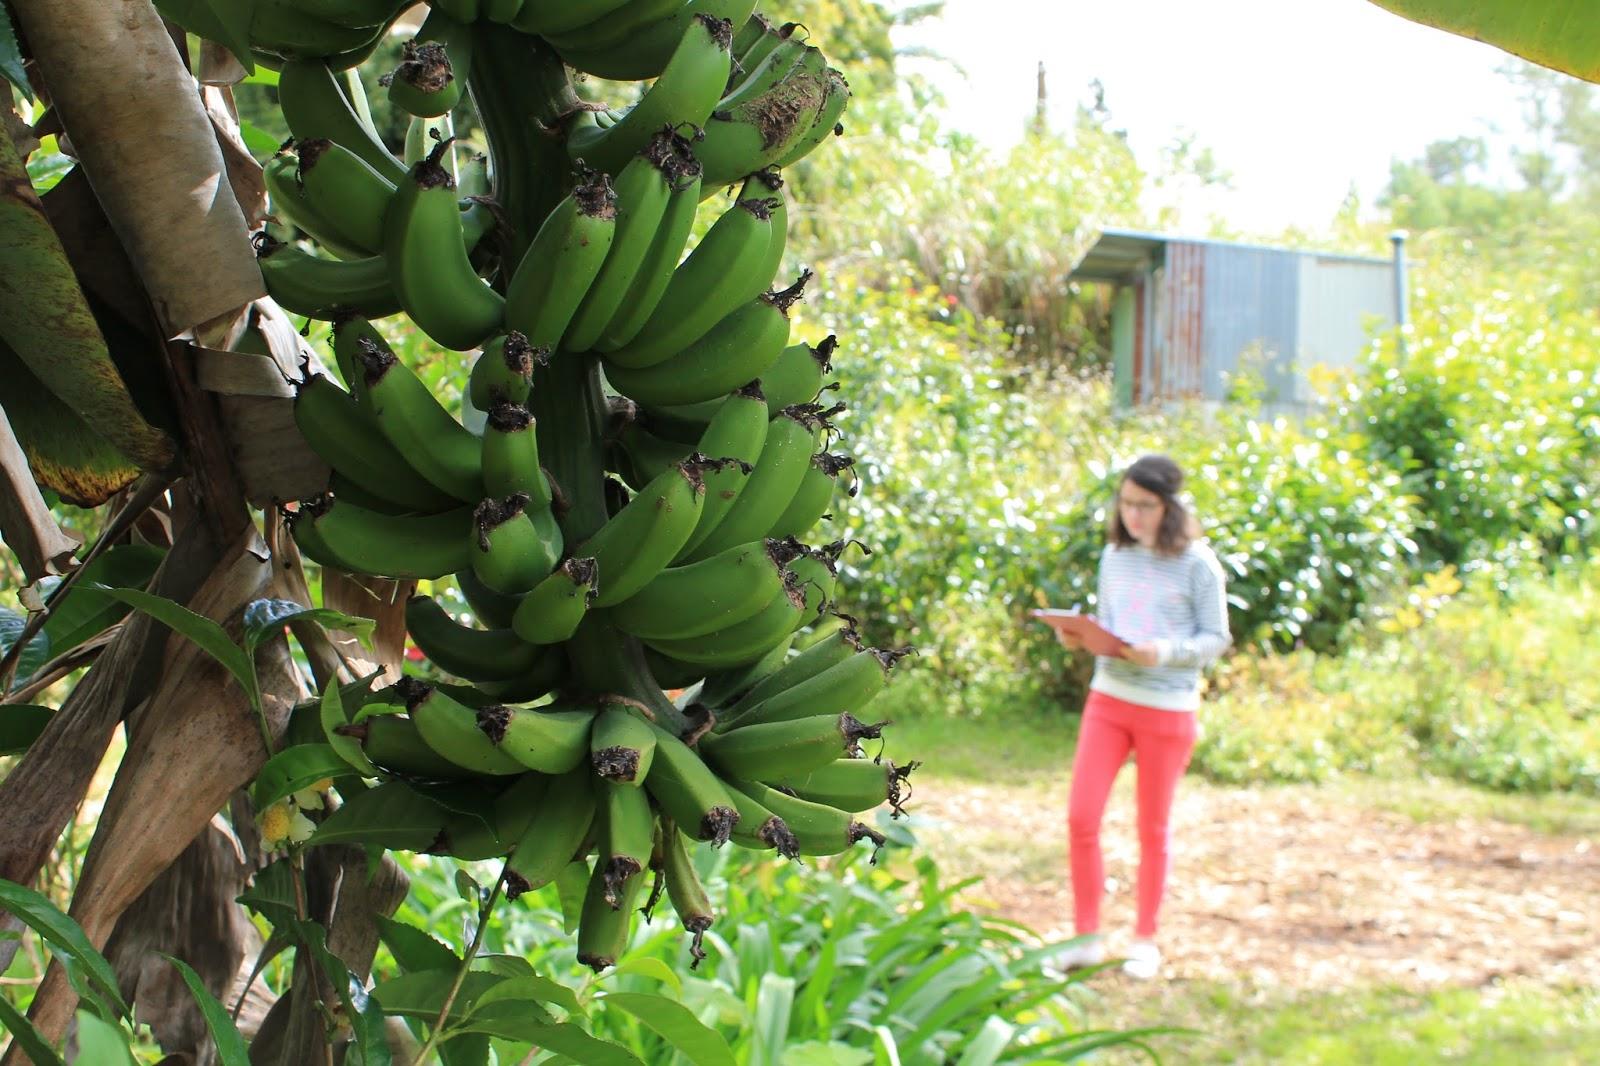 réunion île gotoreunion labyrinthe en champ thé tea grand coude visite à faire jumbocar irt tourisme 974 banane